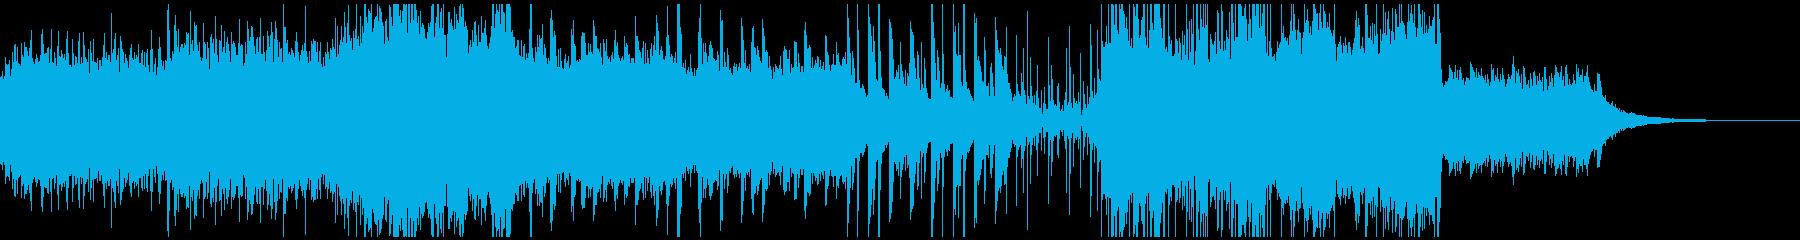 静かな森の泉を連想して作成した曲の再生済みの波形